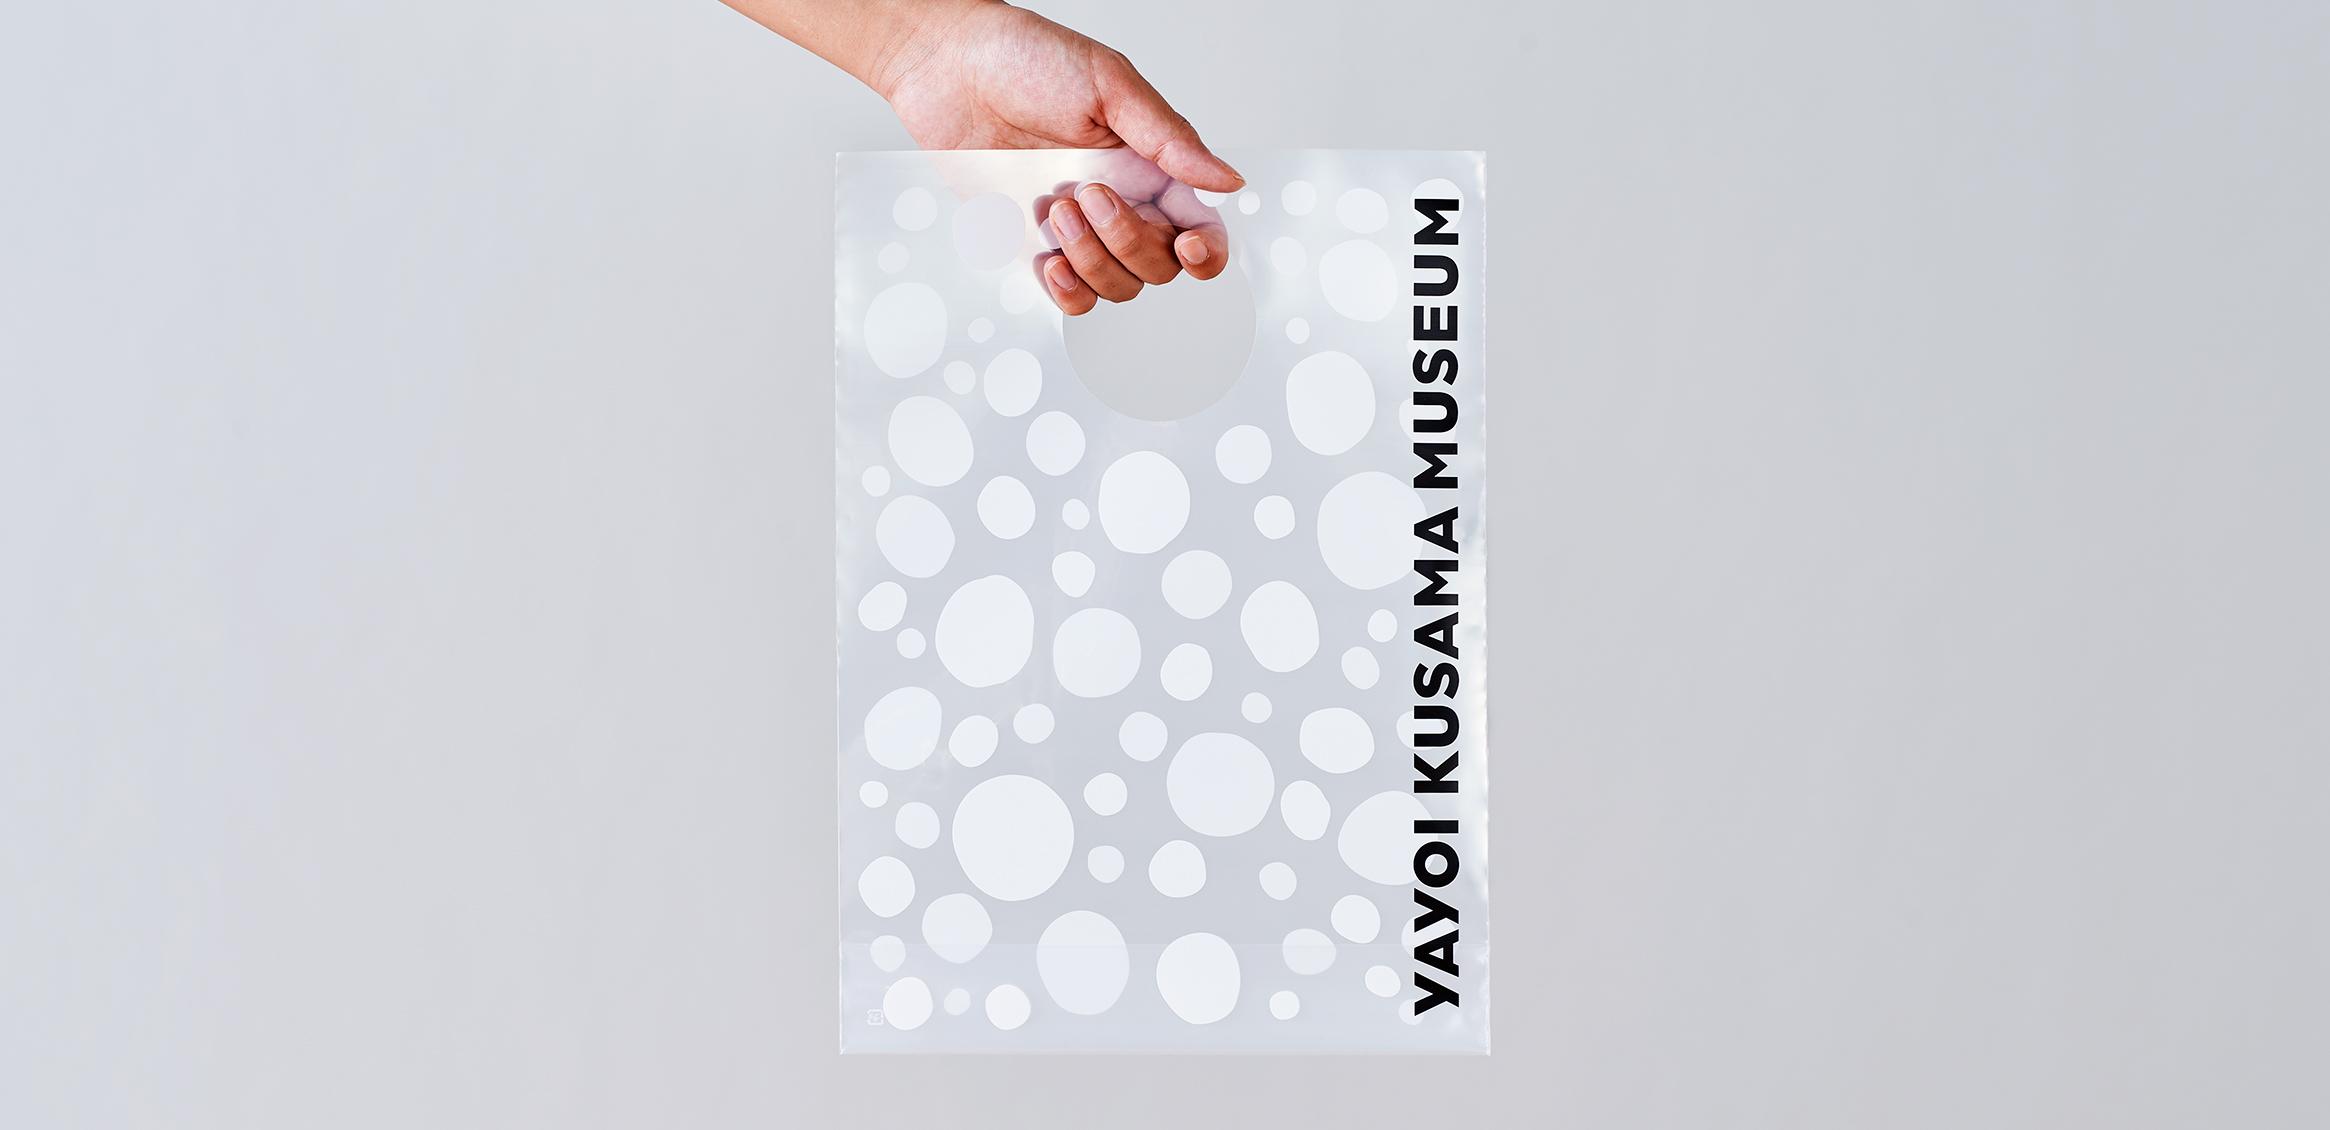 Yayoi Kusama Museum Application4枚目